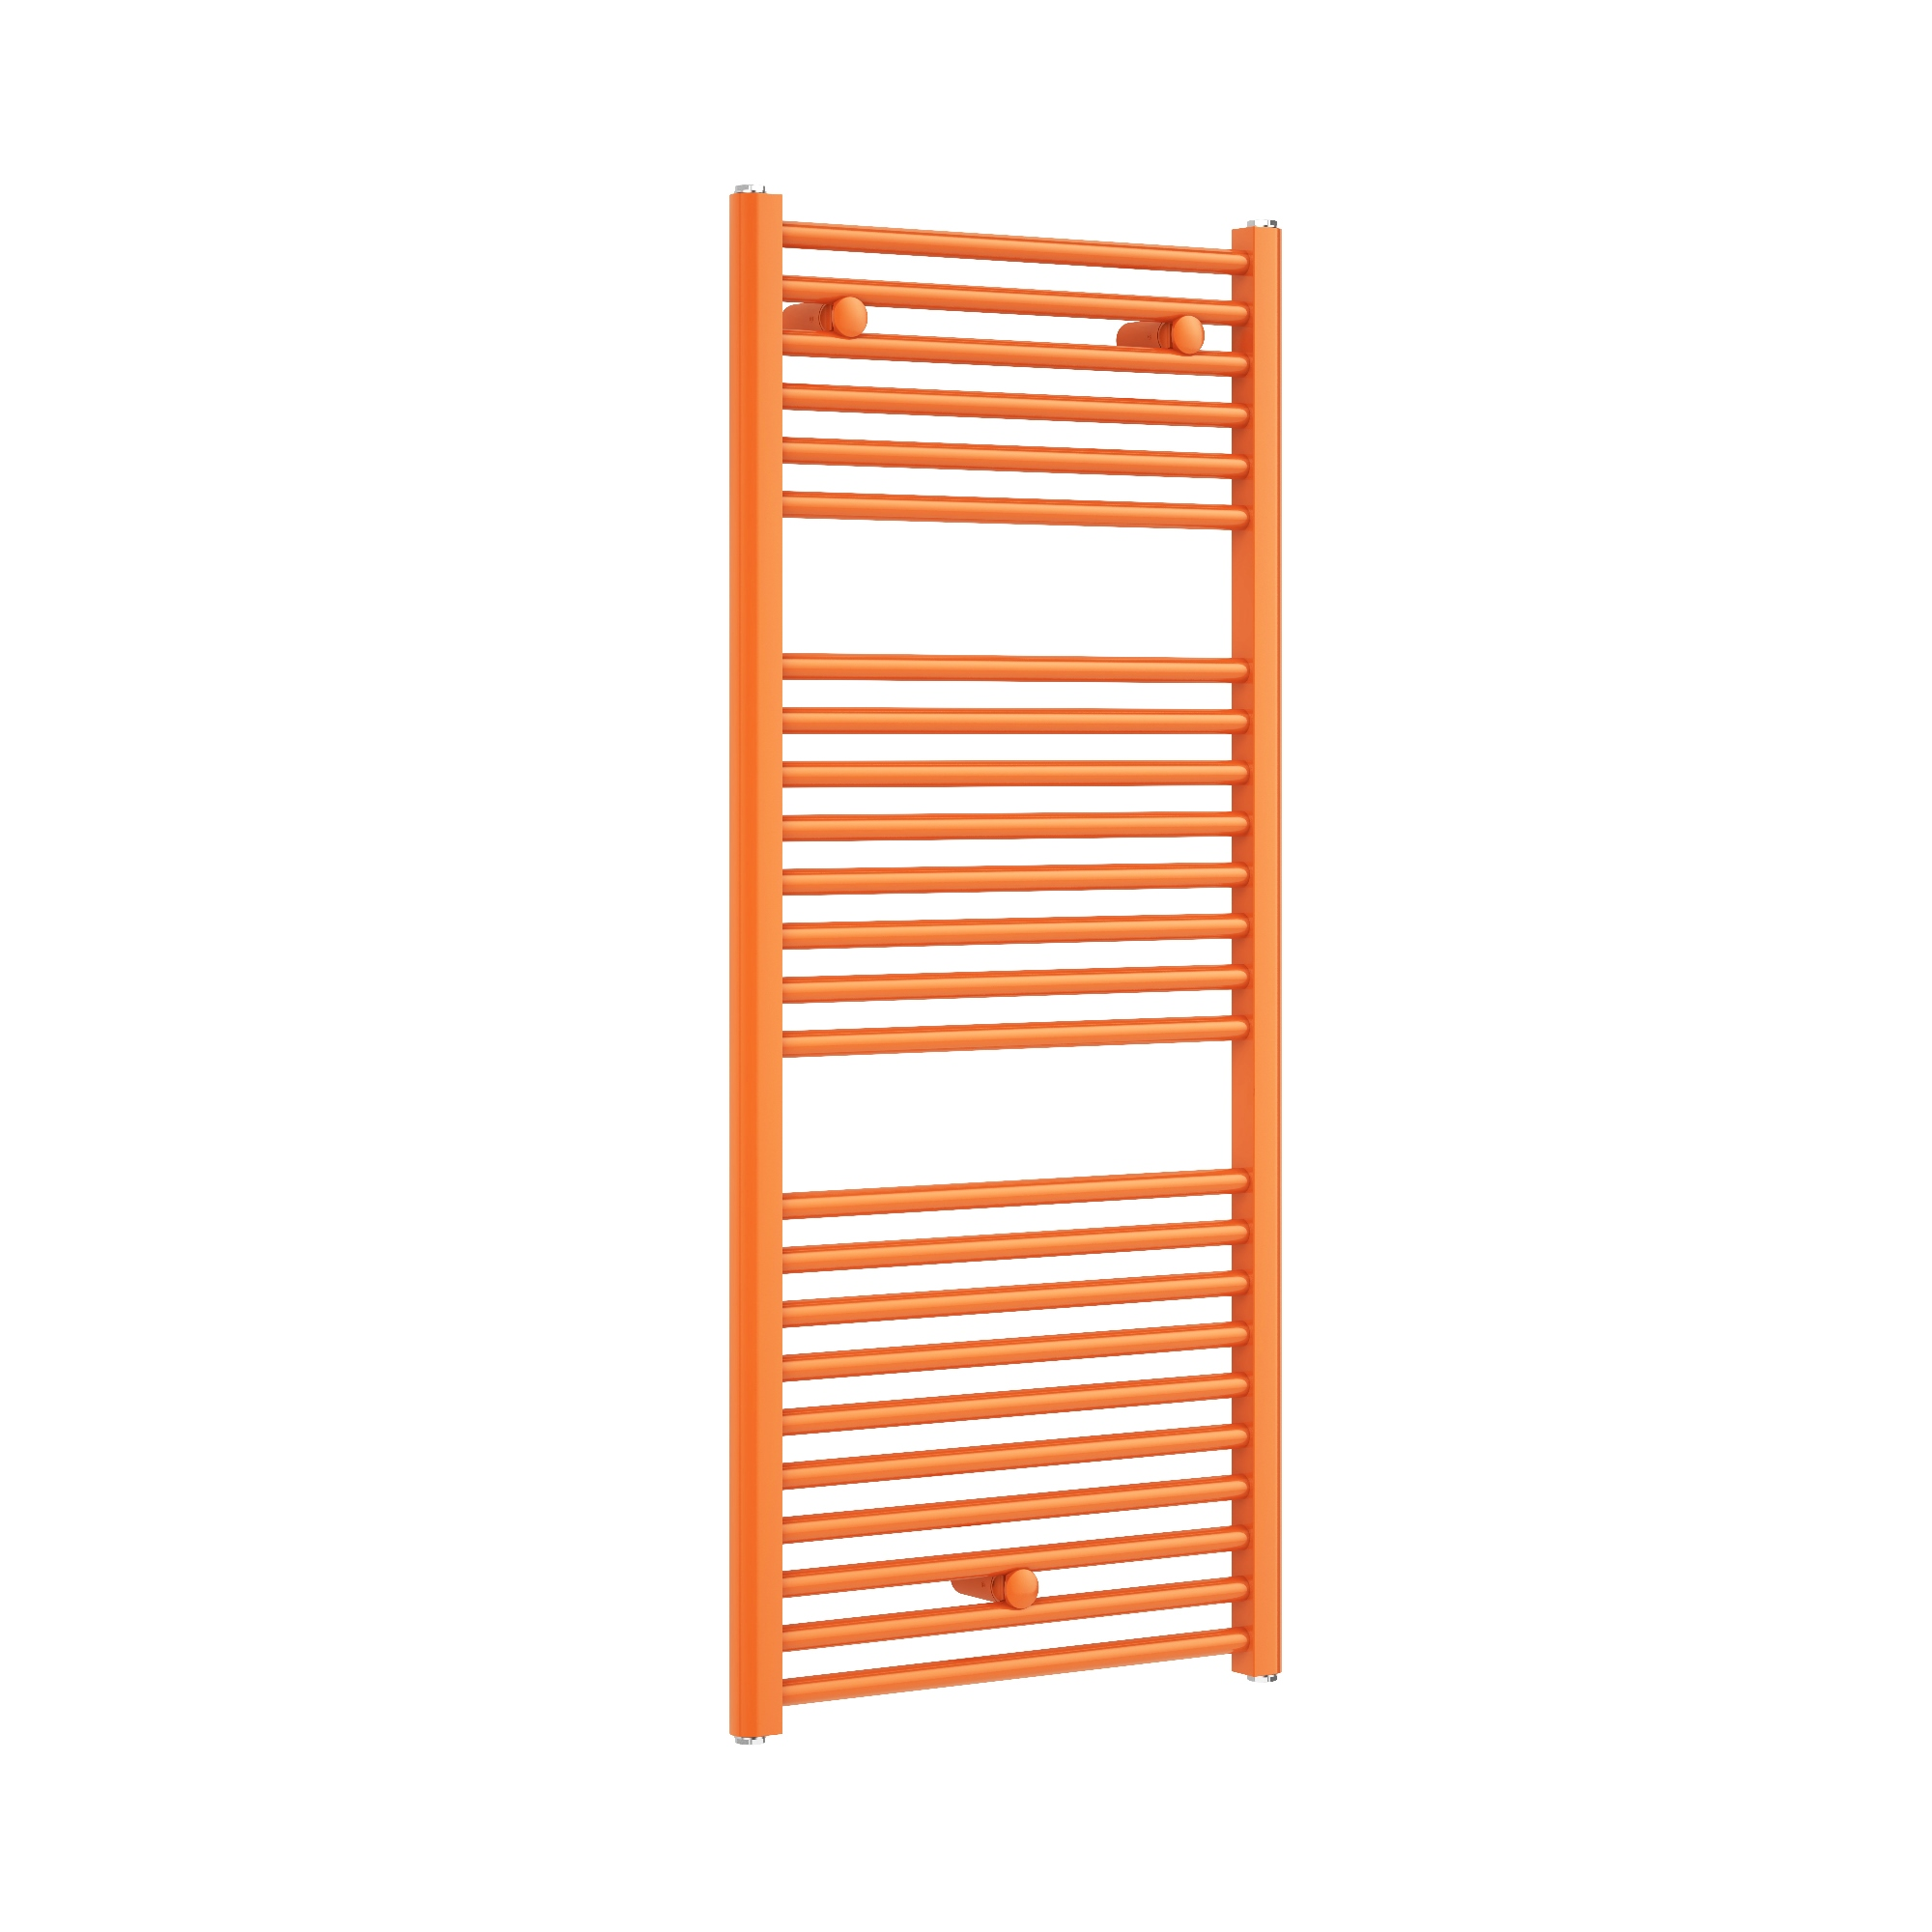 Bright orange designer radiator